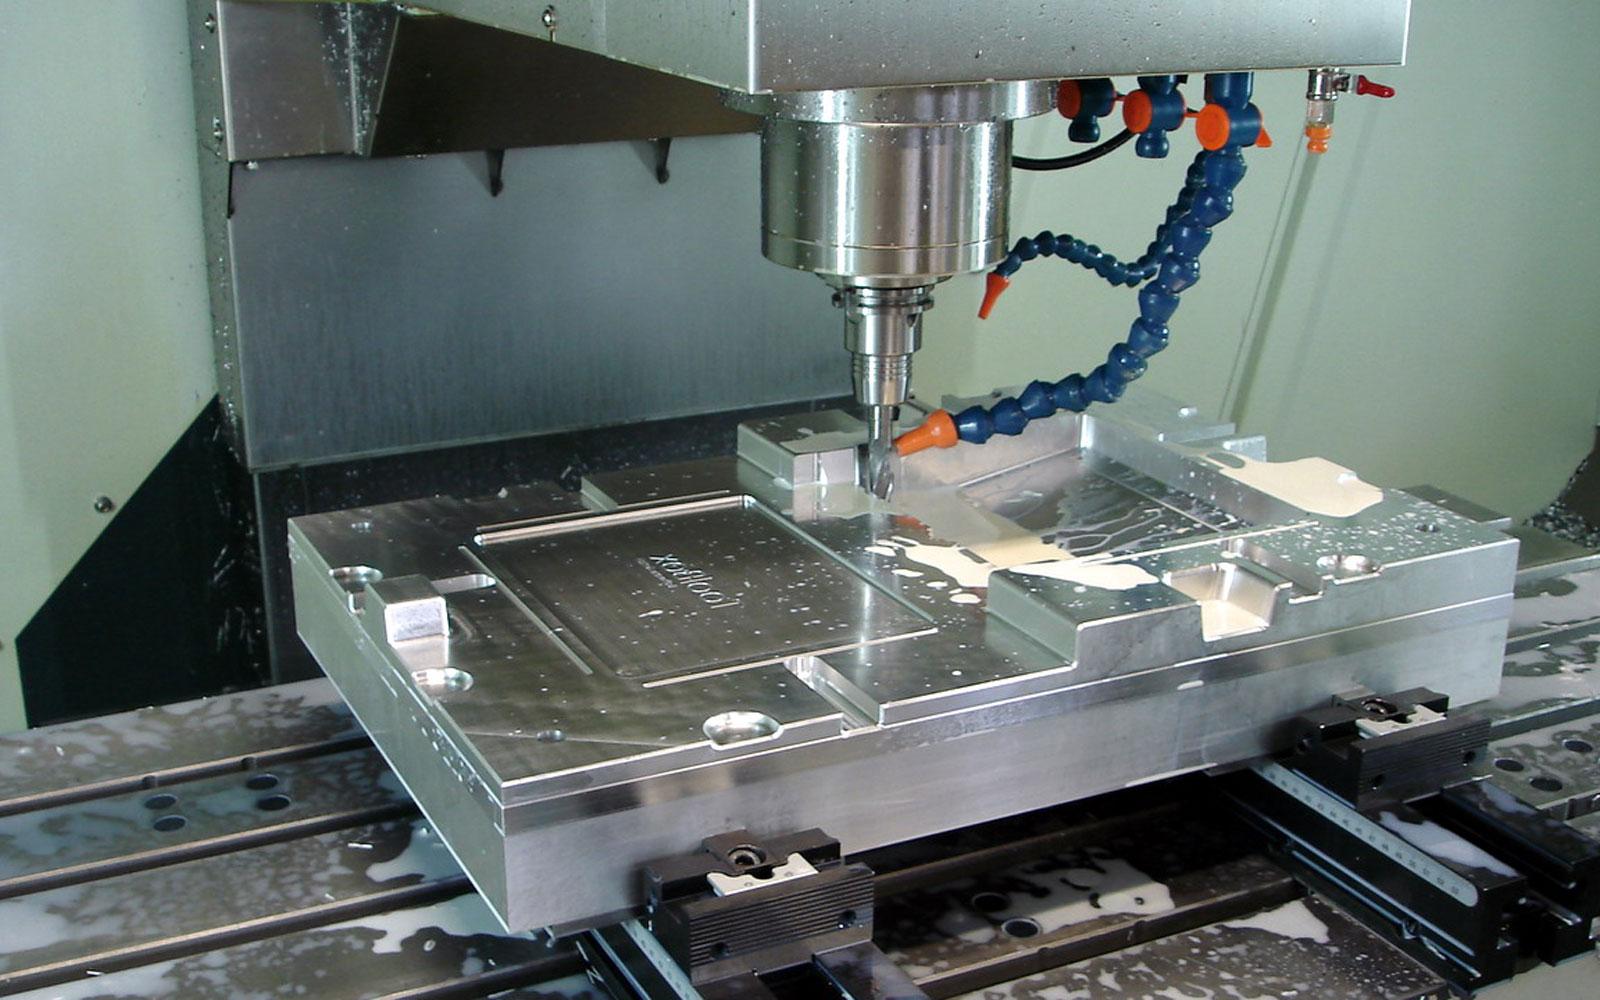 Conap CAD Fertigungsplanung - 3D Druck von Kunststoff Bauteilen